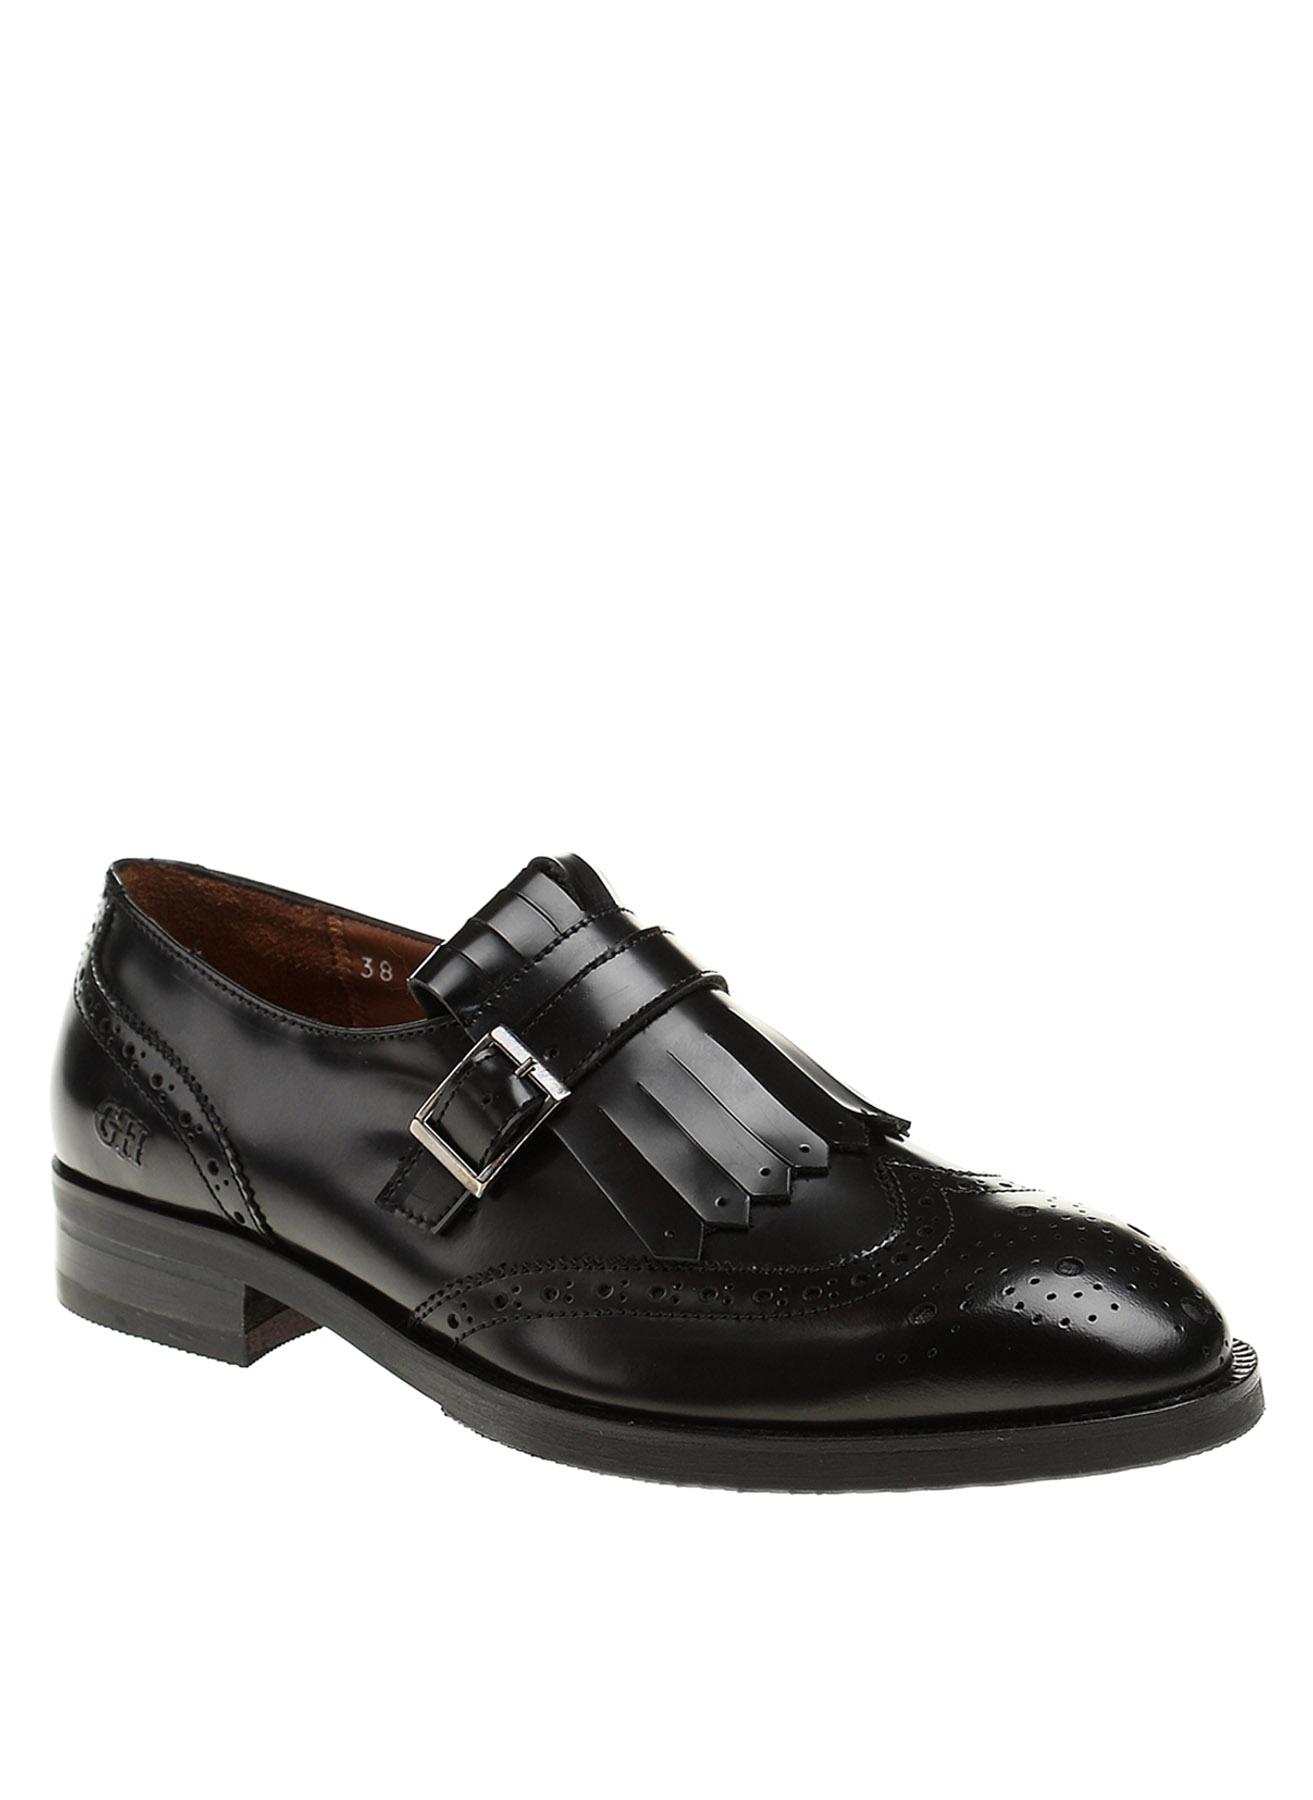 George Hogg Erkek Oxford Deri Düz Ayakkabı 38 5001908436003 Ürün Resmi